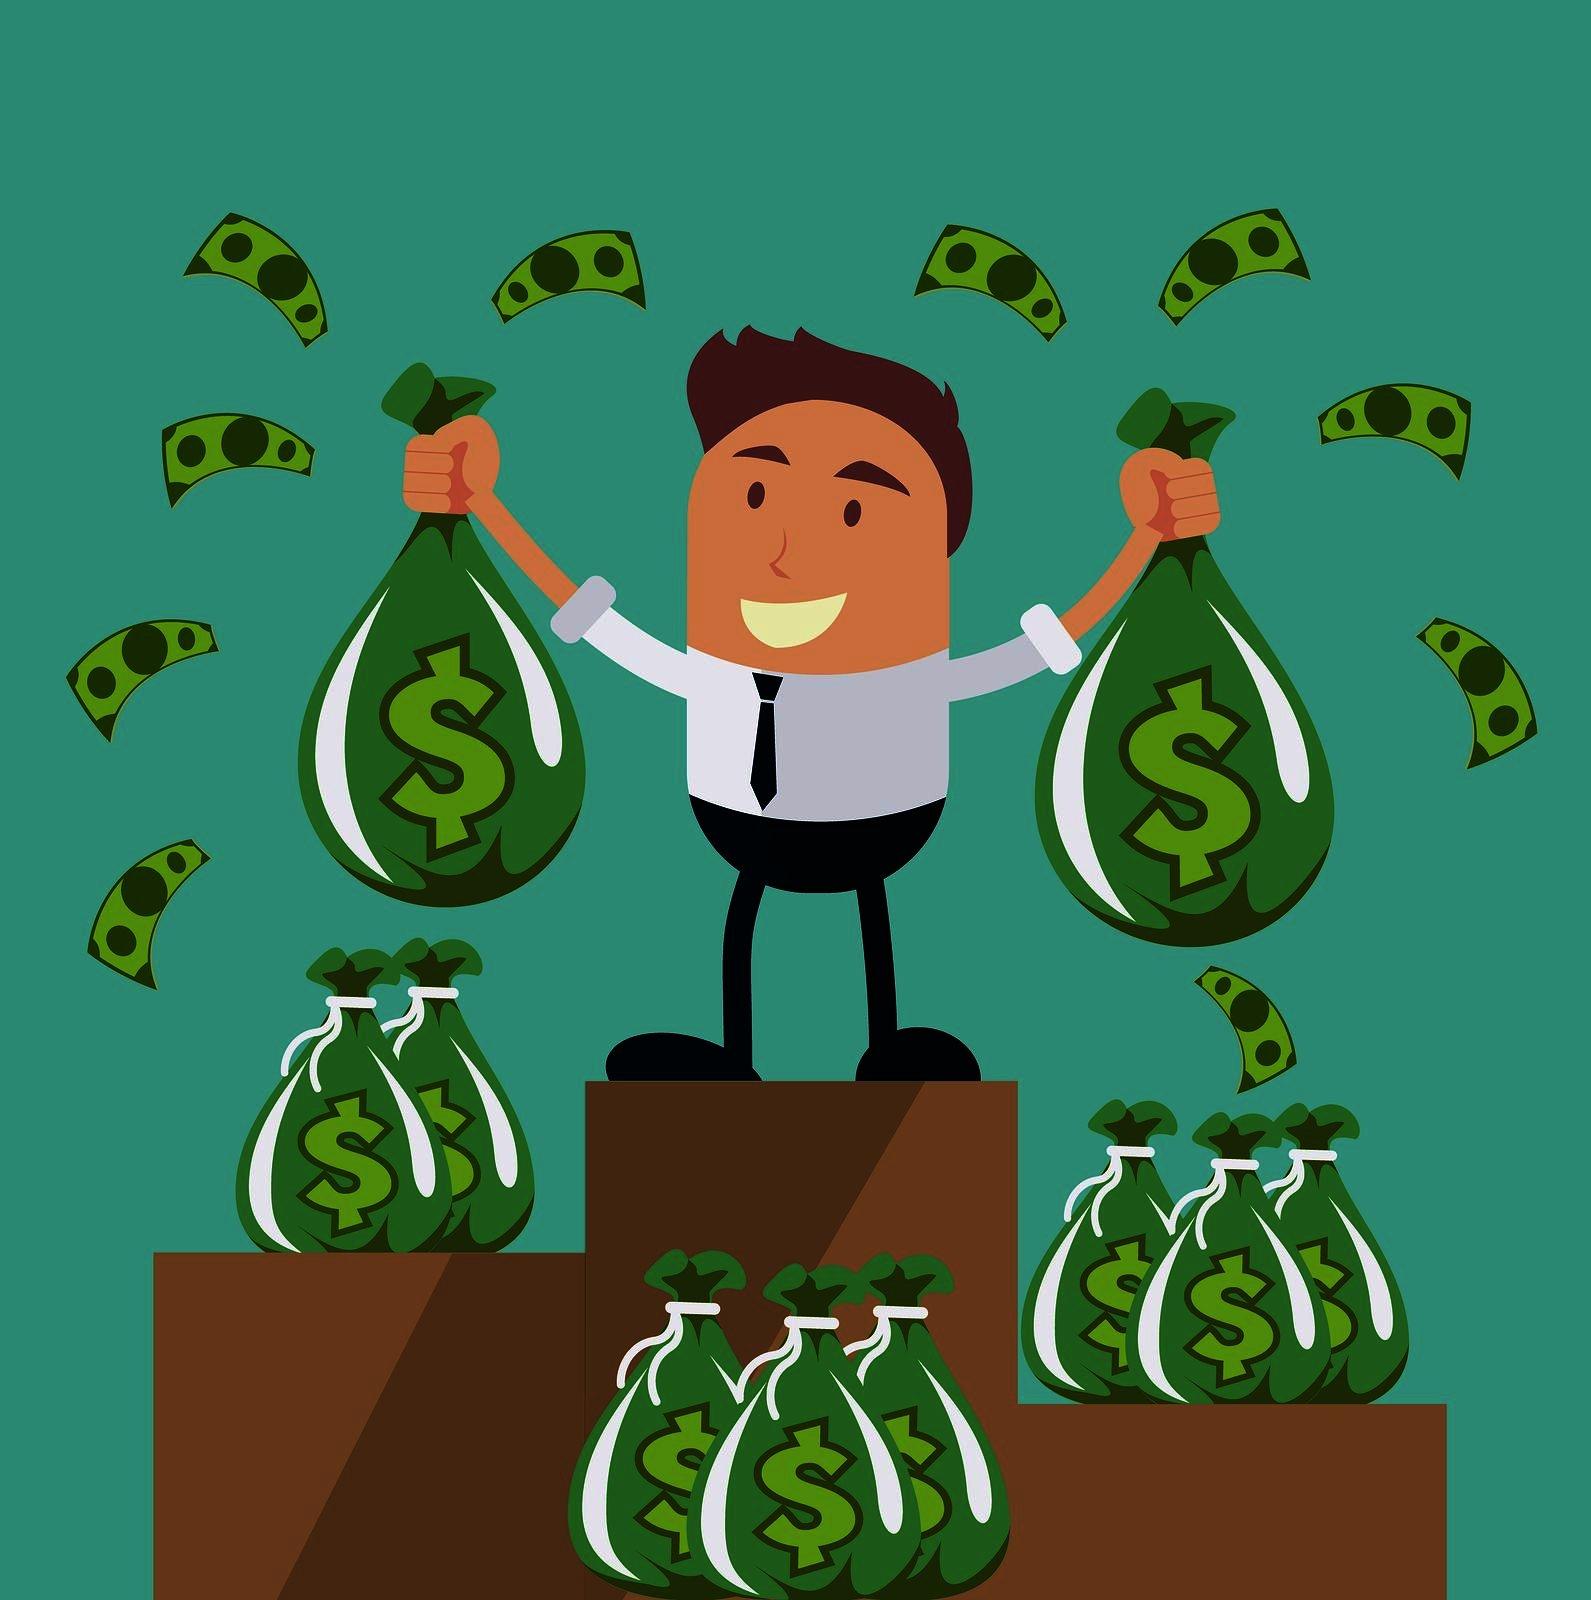 طرز تفکر افراد موفق در هوش مالی